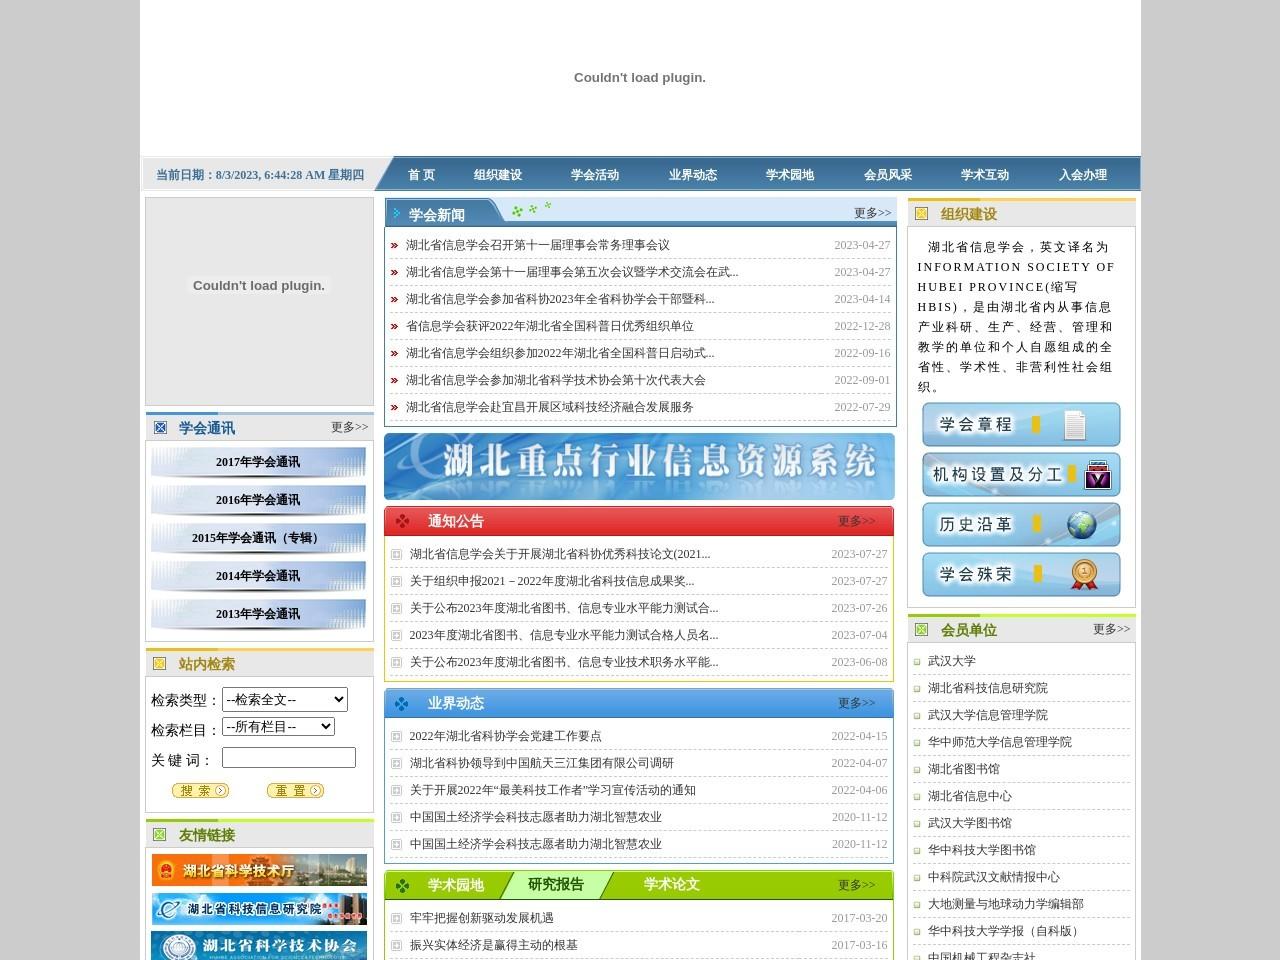 湖北省信息学会